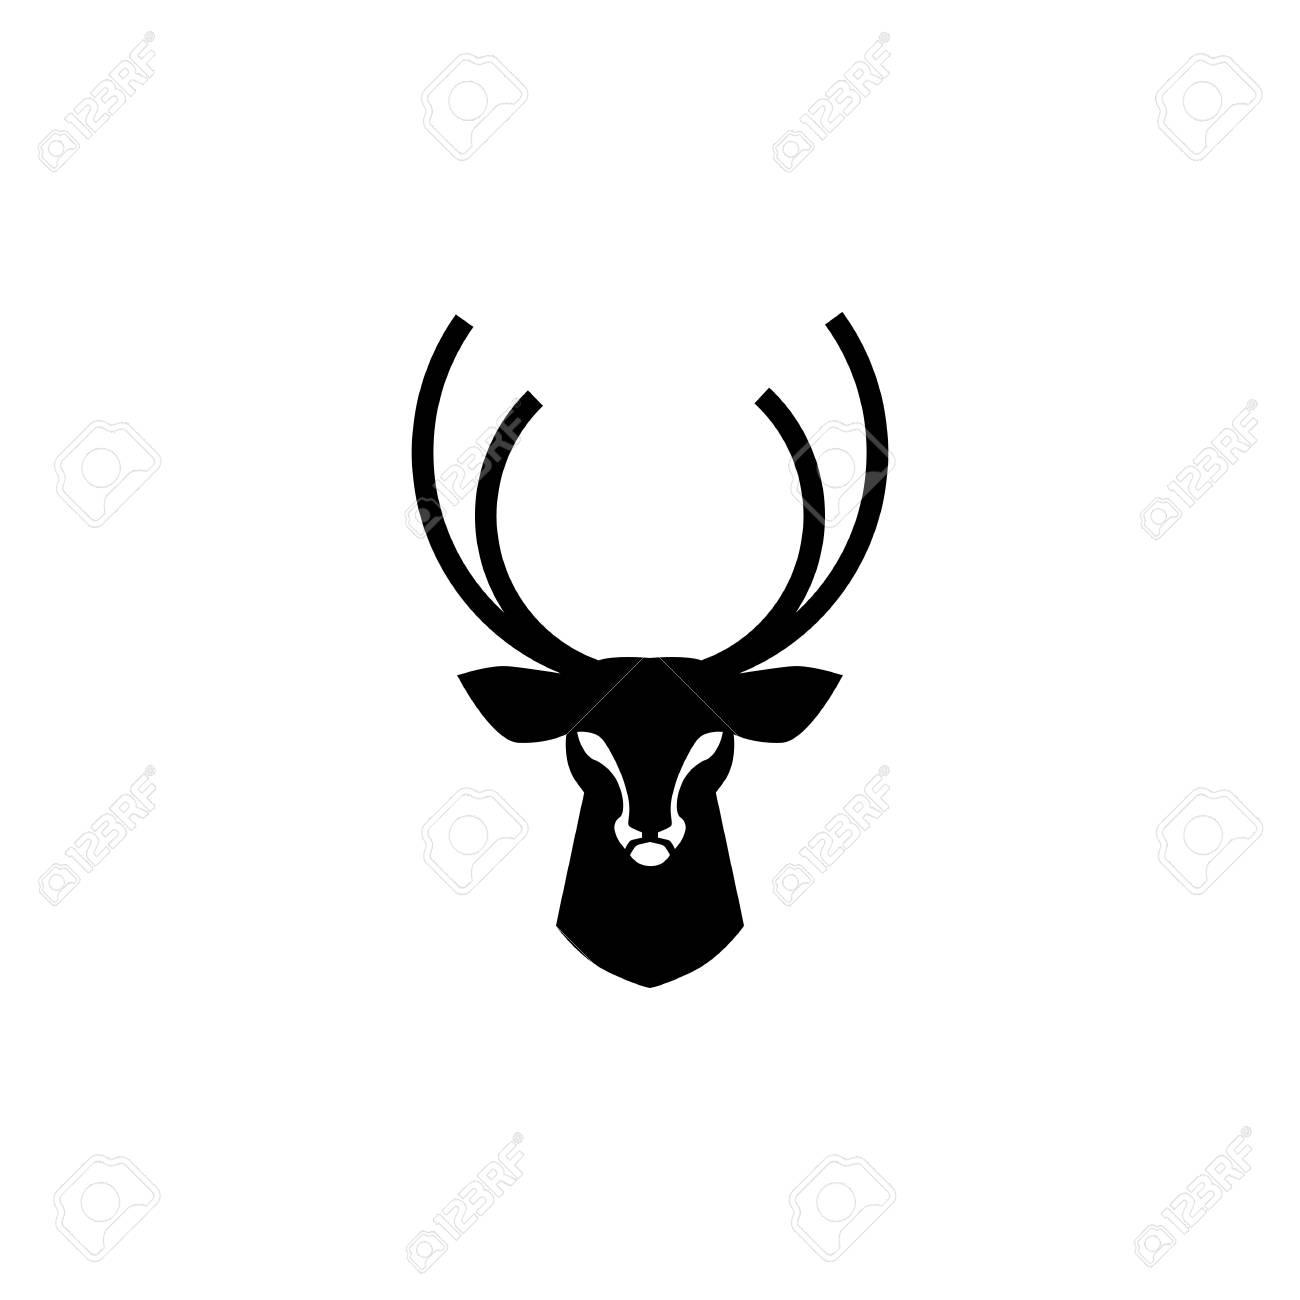 deer head logo vector design inspirations - 107801737